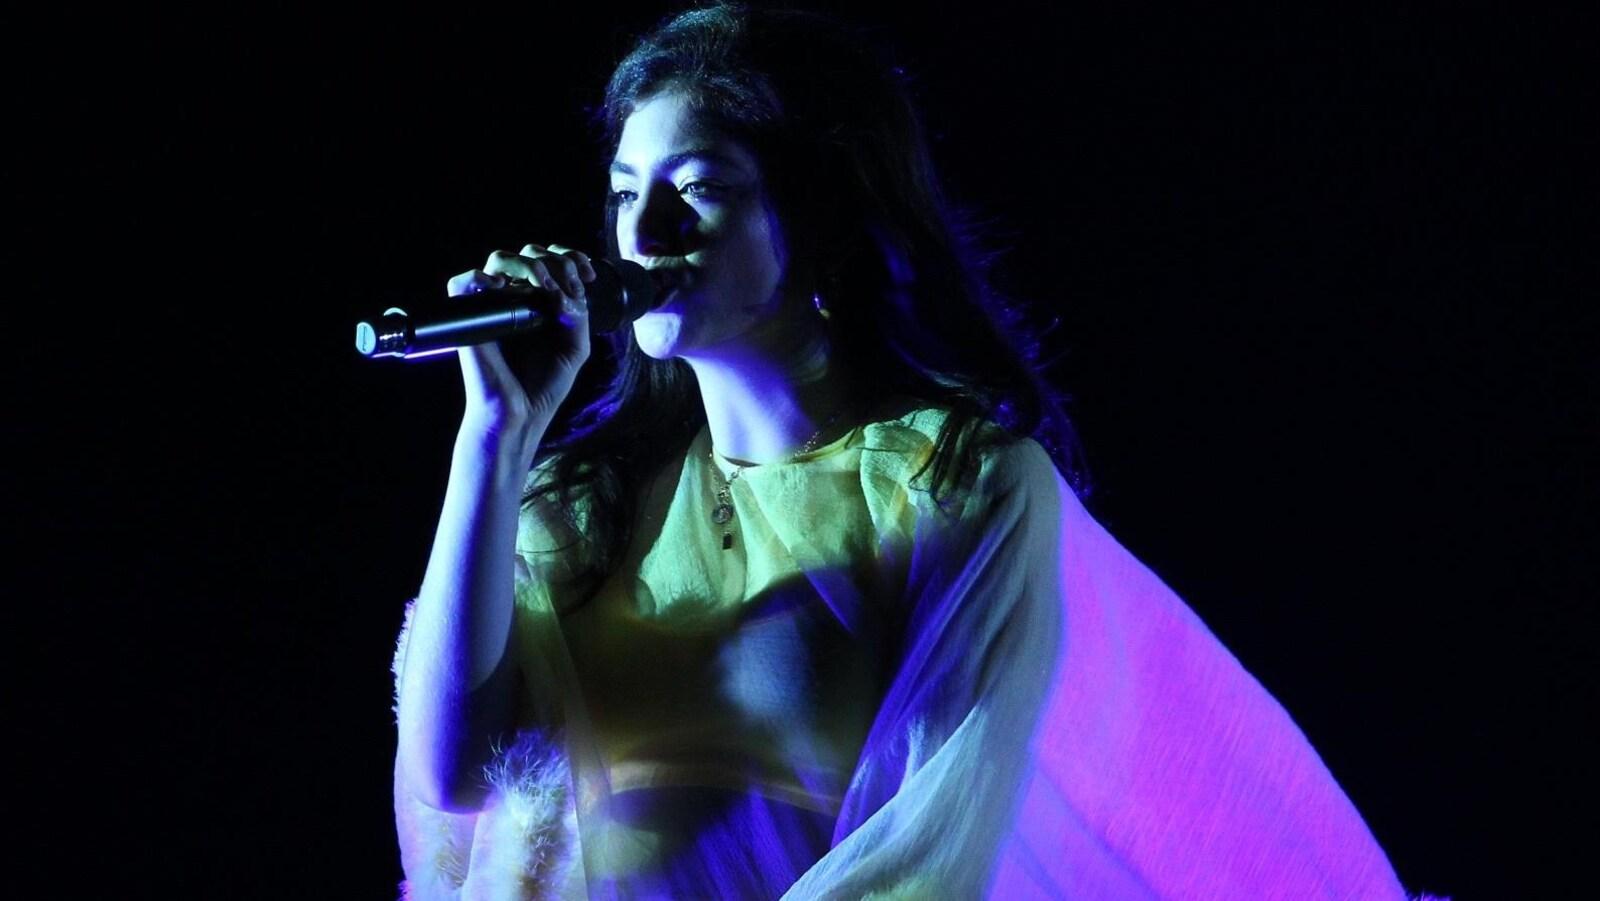 La chanteuse Lorde au Festival d'été de Québec le 13 juillet 2018